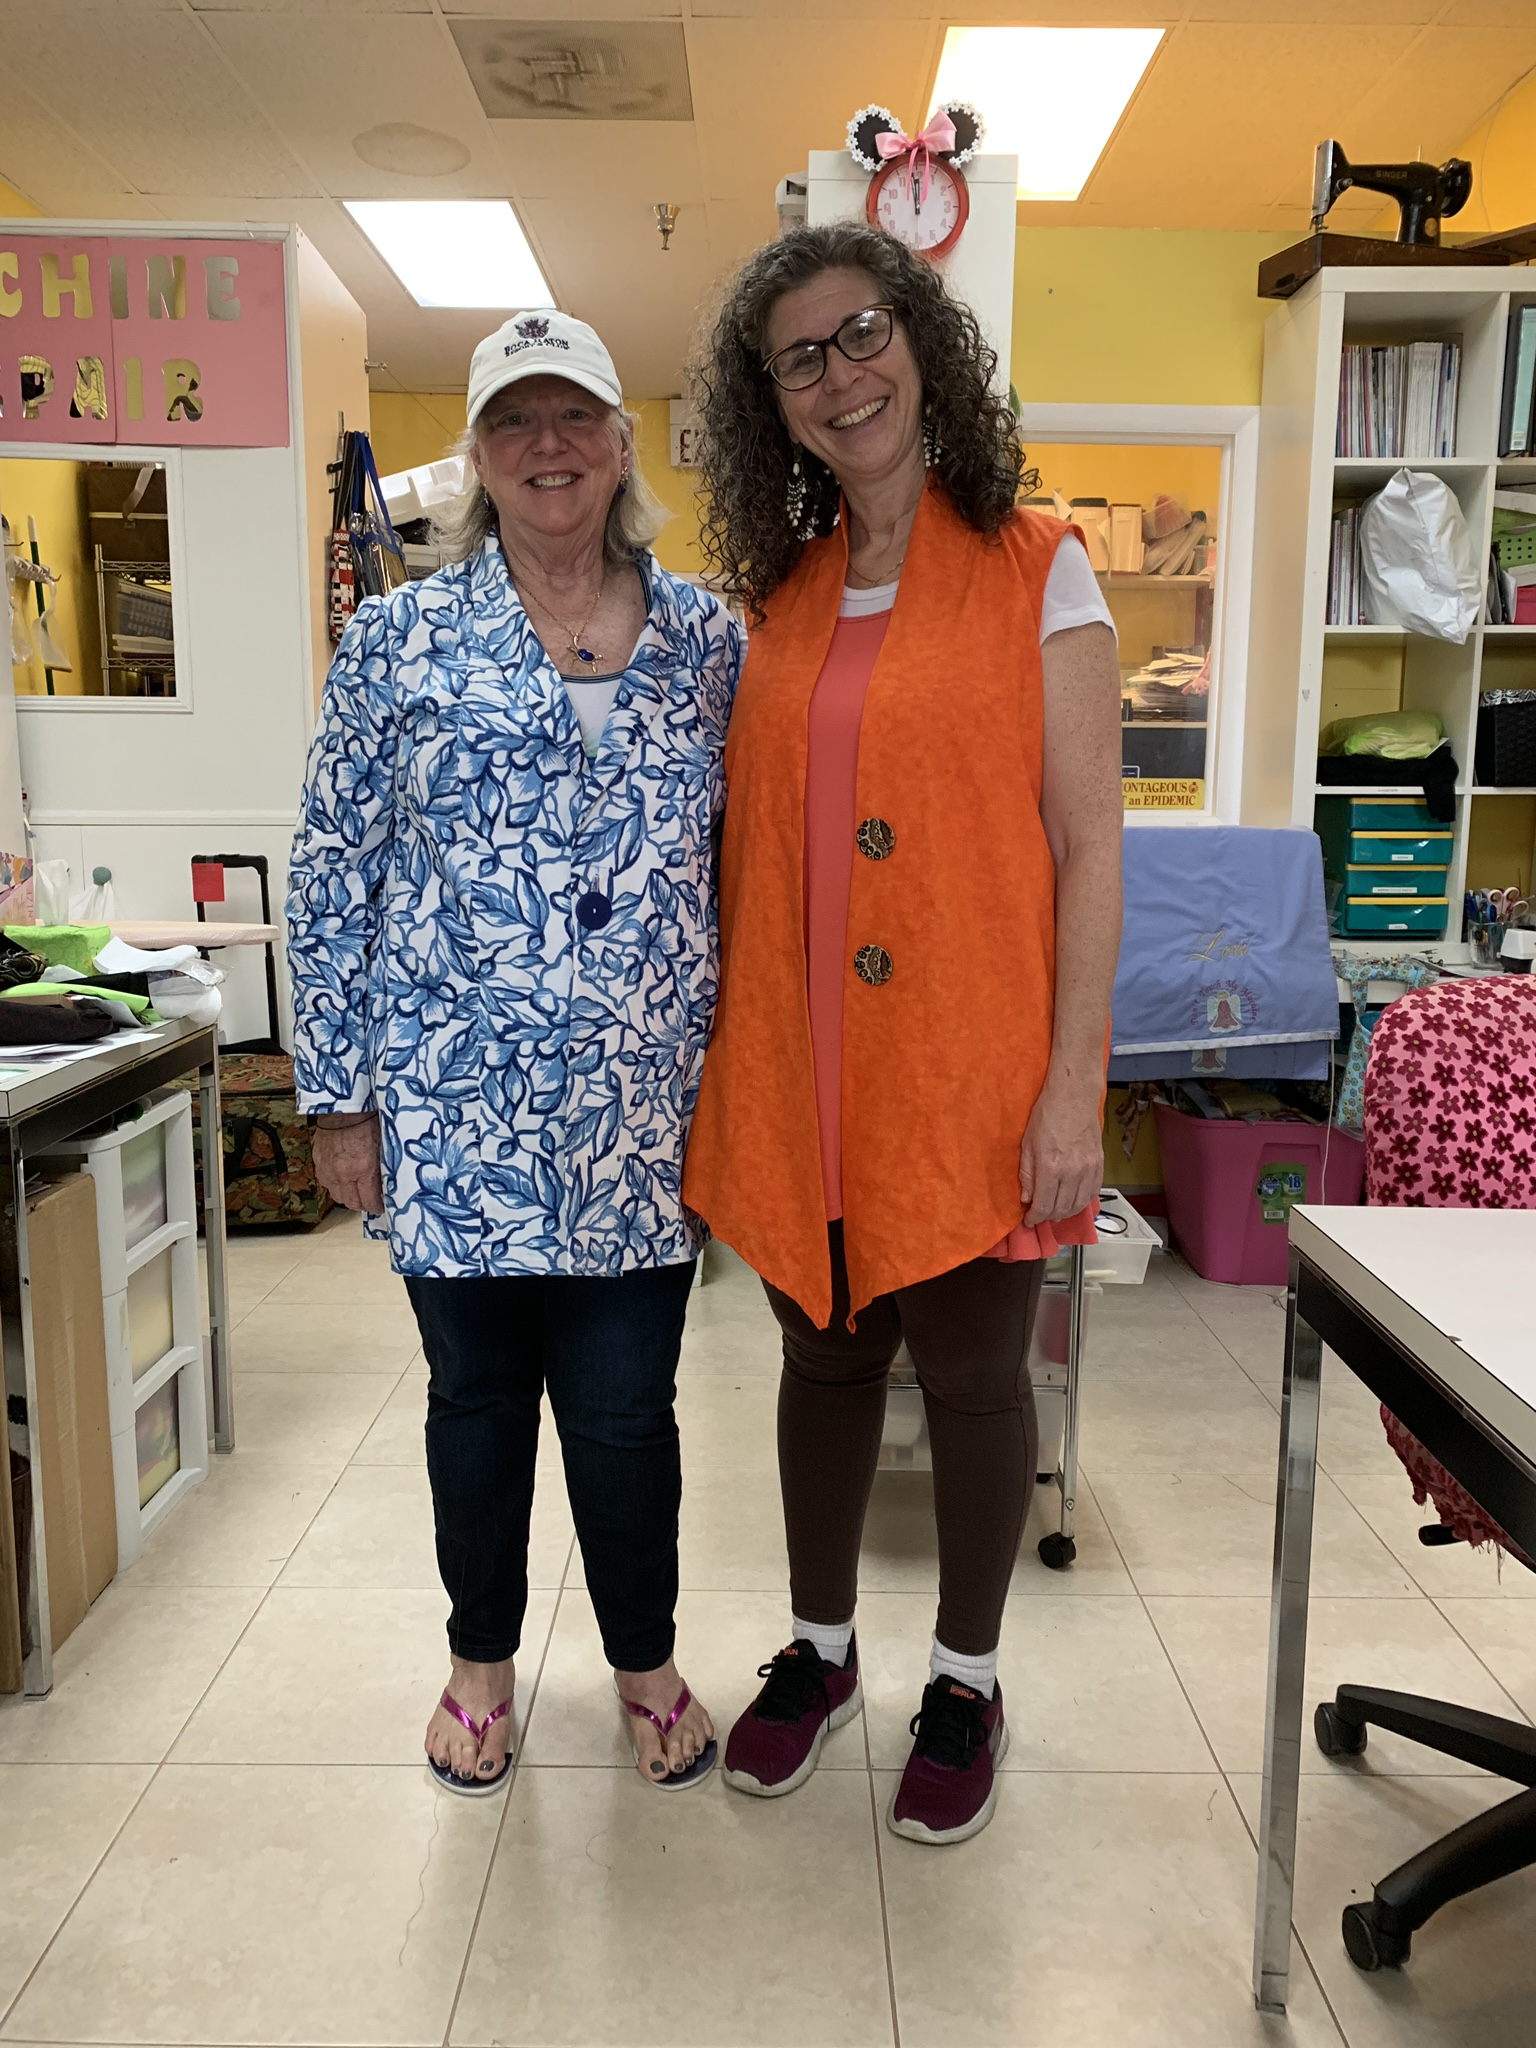 Susan and Divora